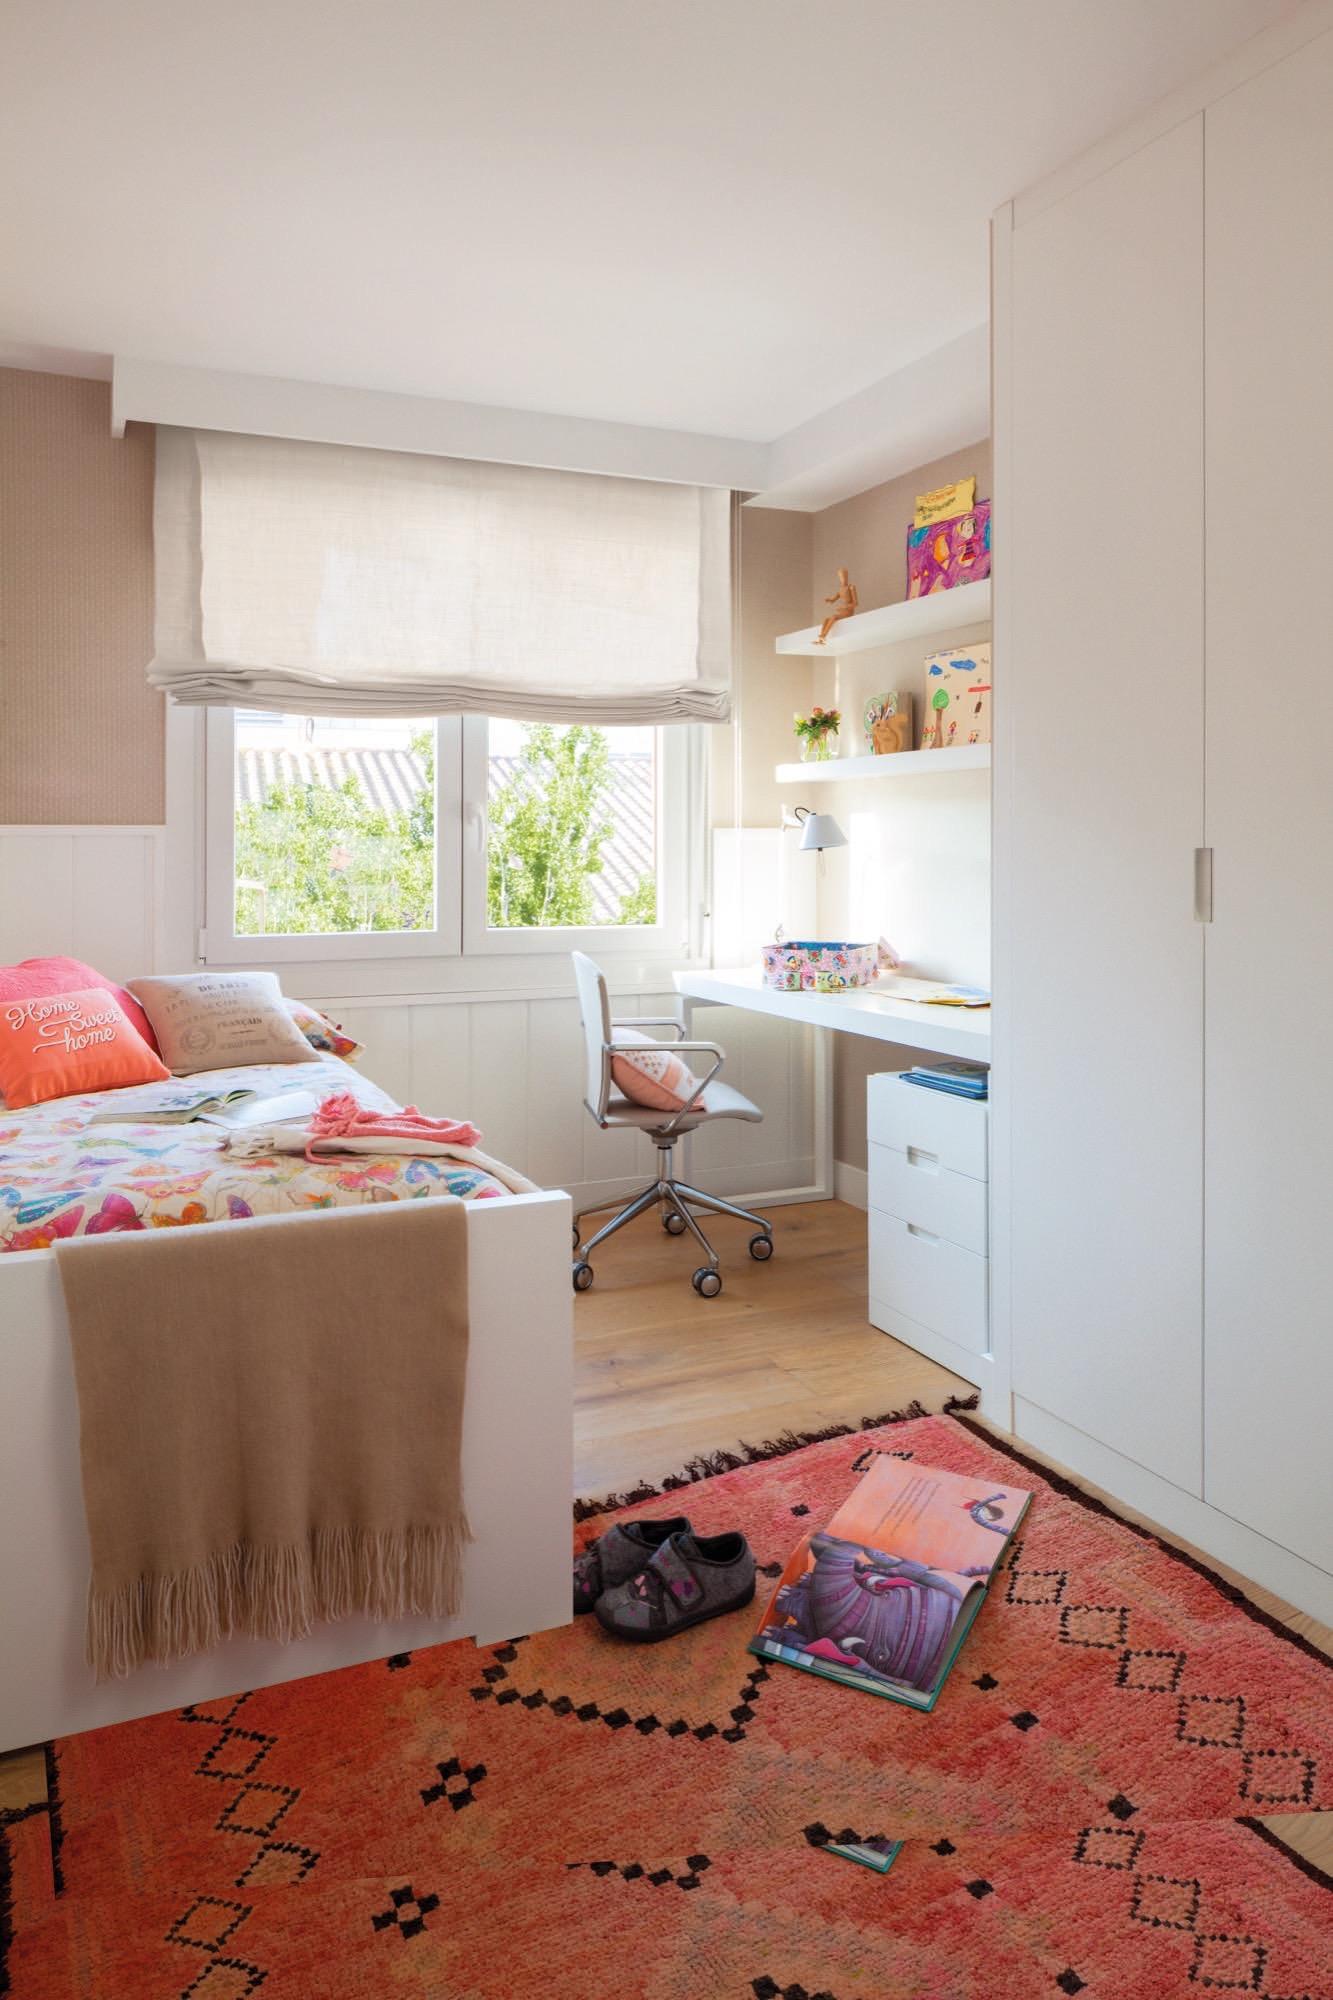 Alfombras dormitorio juvenil dormitorio infantil decorado - Alfombras para dormitorios juveniles ...